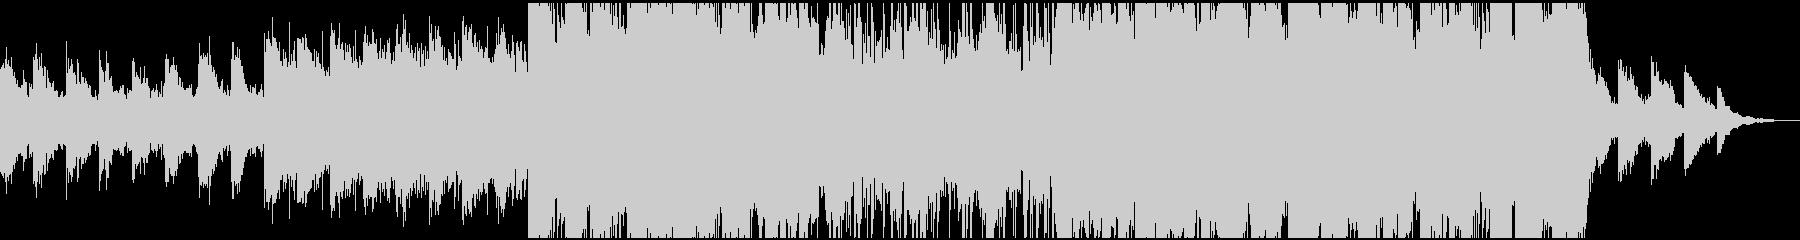 ハウス ダンス プログレッシブ H...の未再生の波形